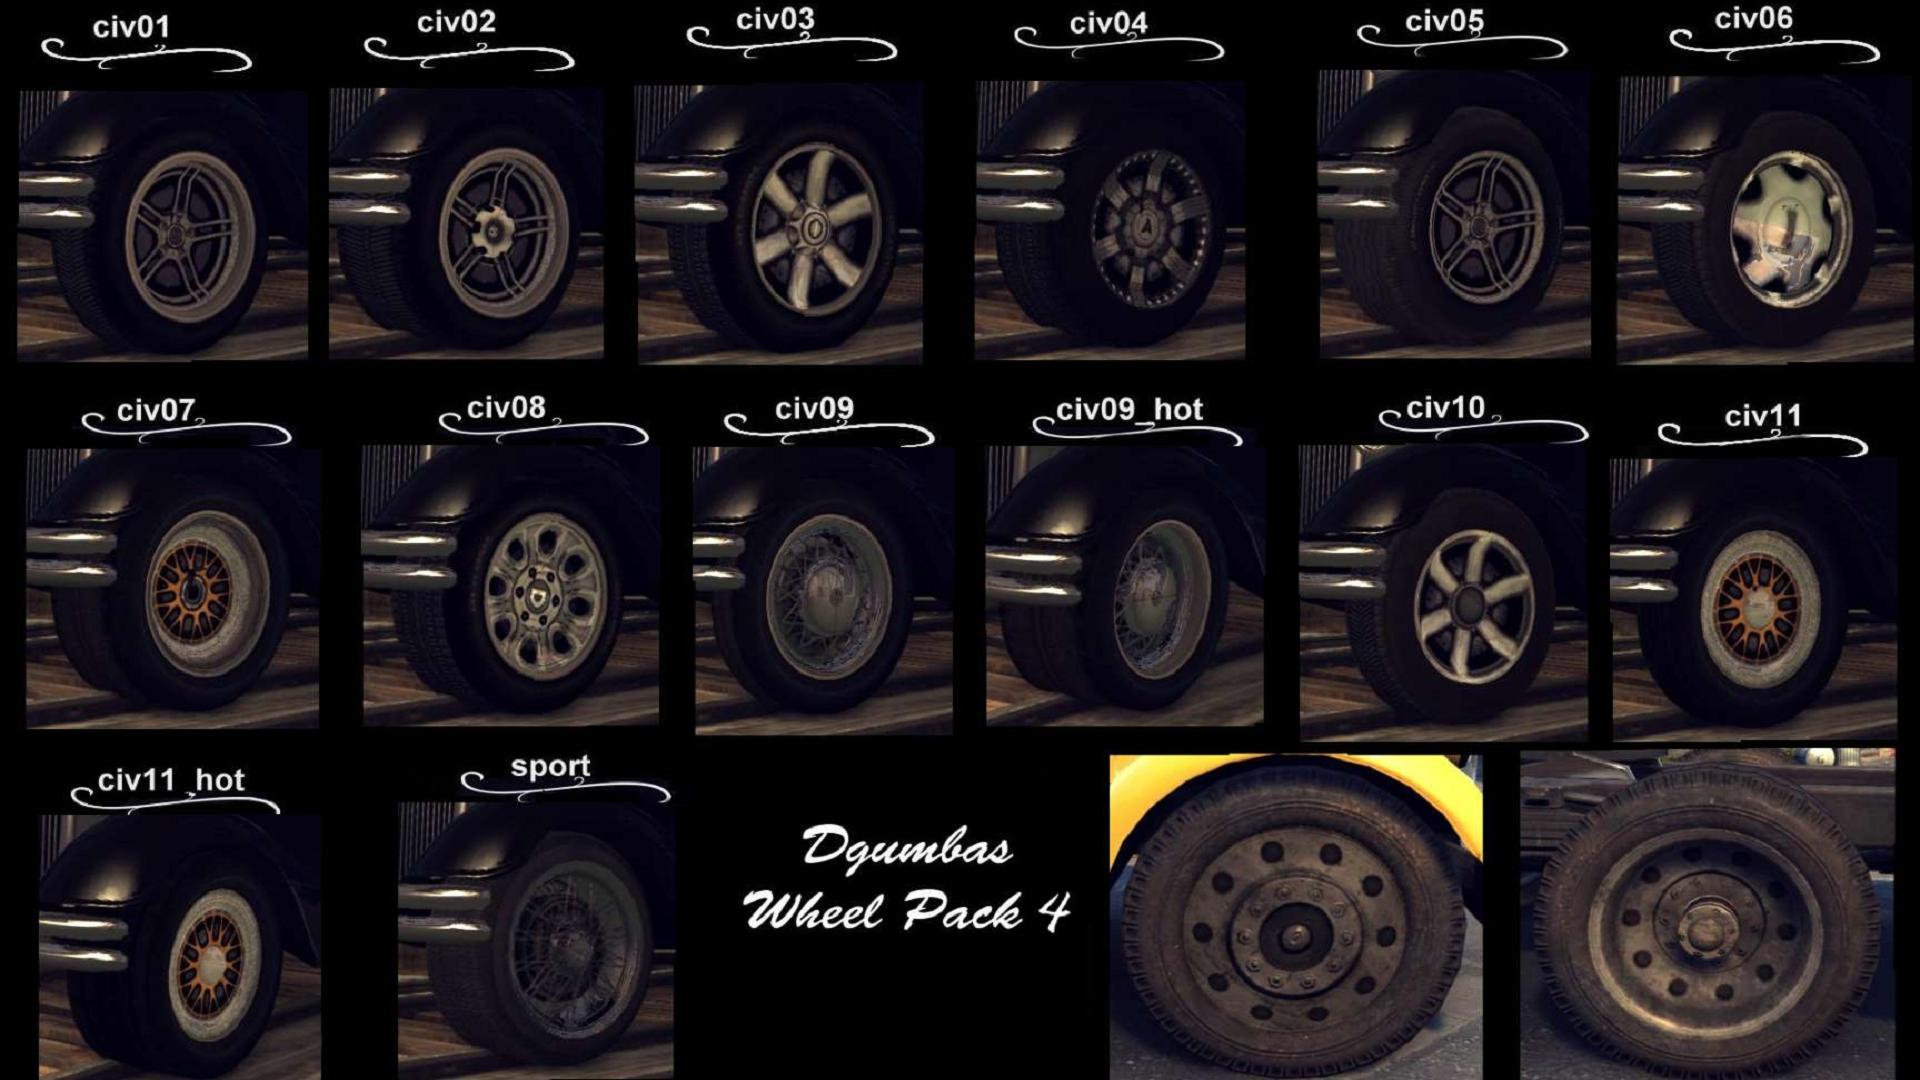 Моды на GTA 4 с Автоустановкой